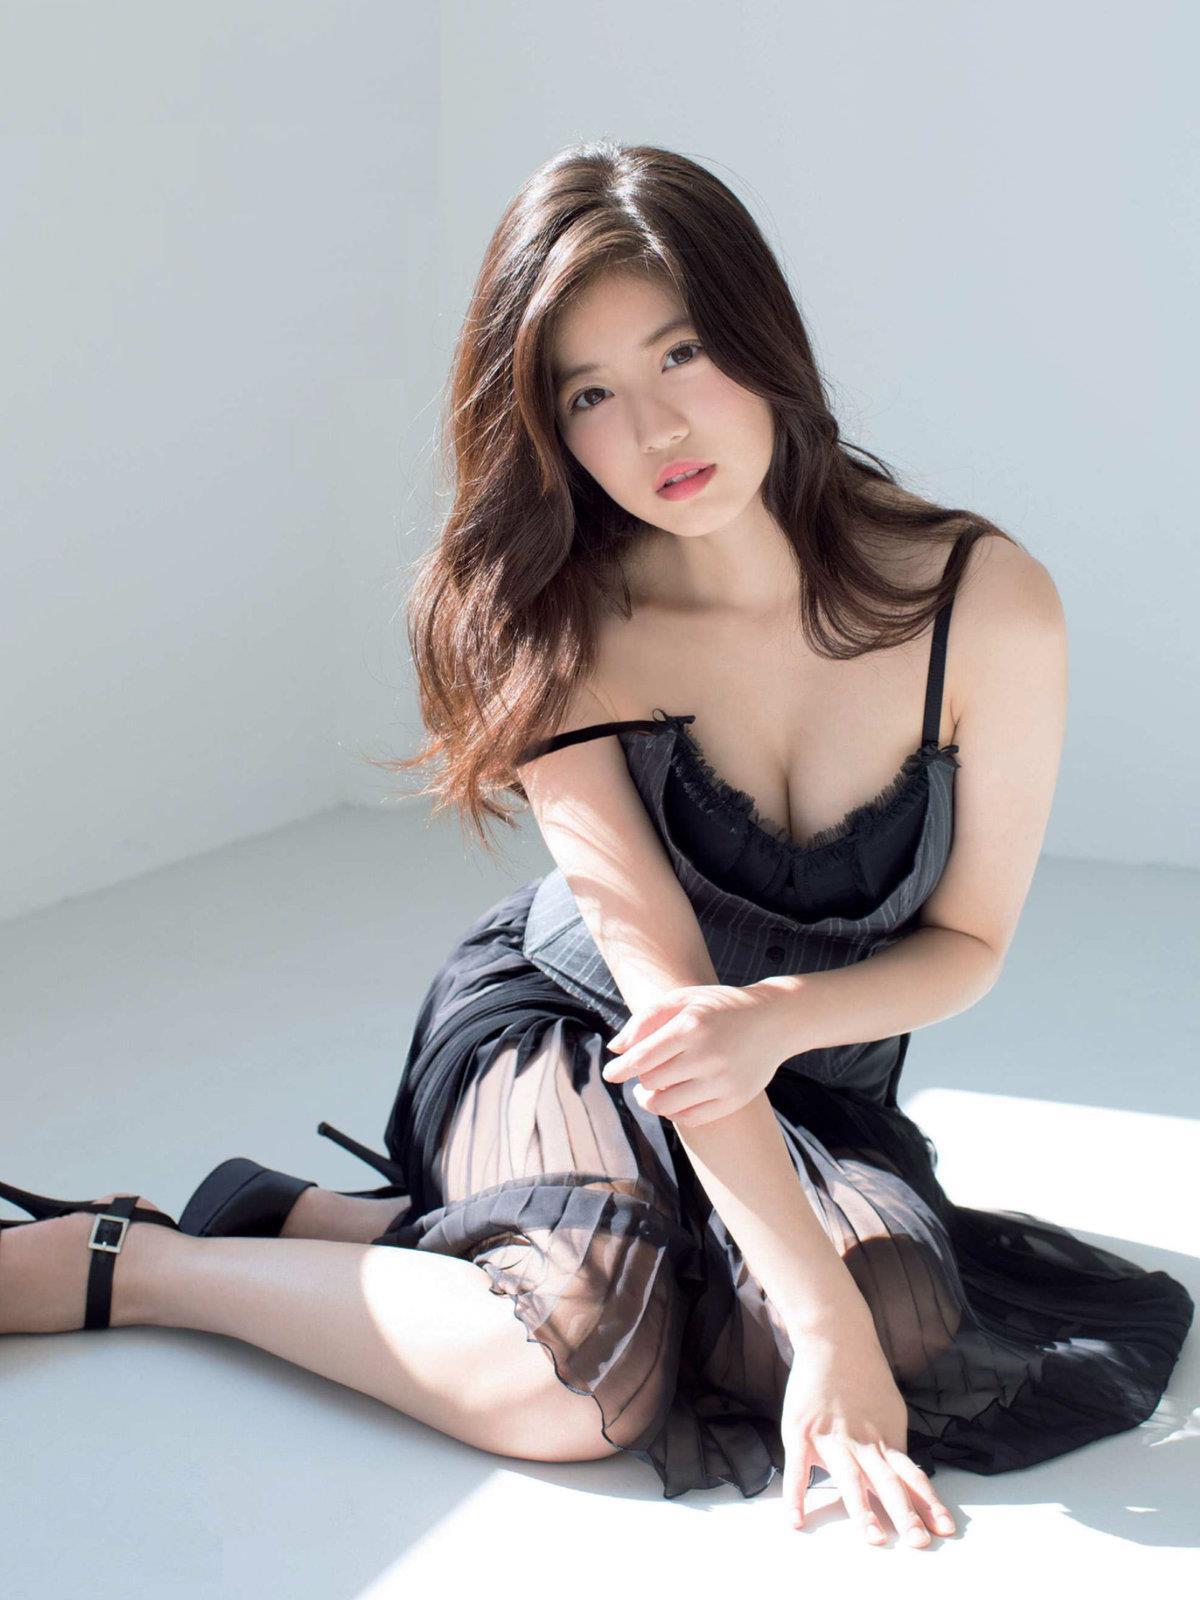 福岡で一番可愛い女の子、今田美桜 (2)